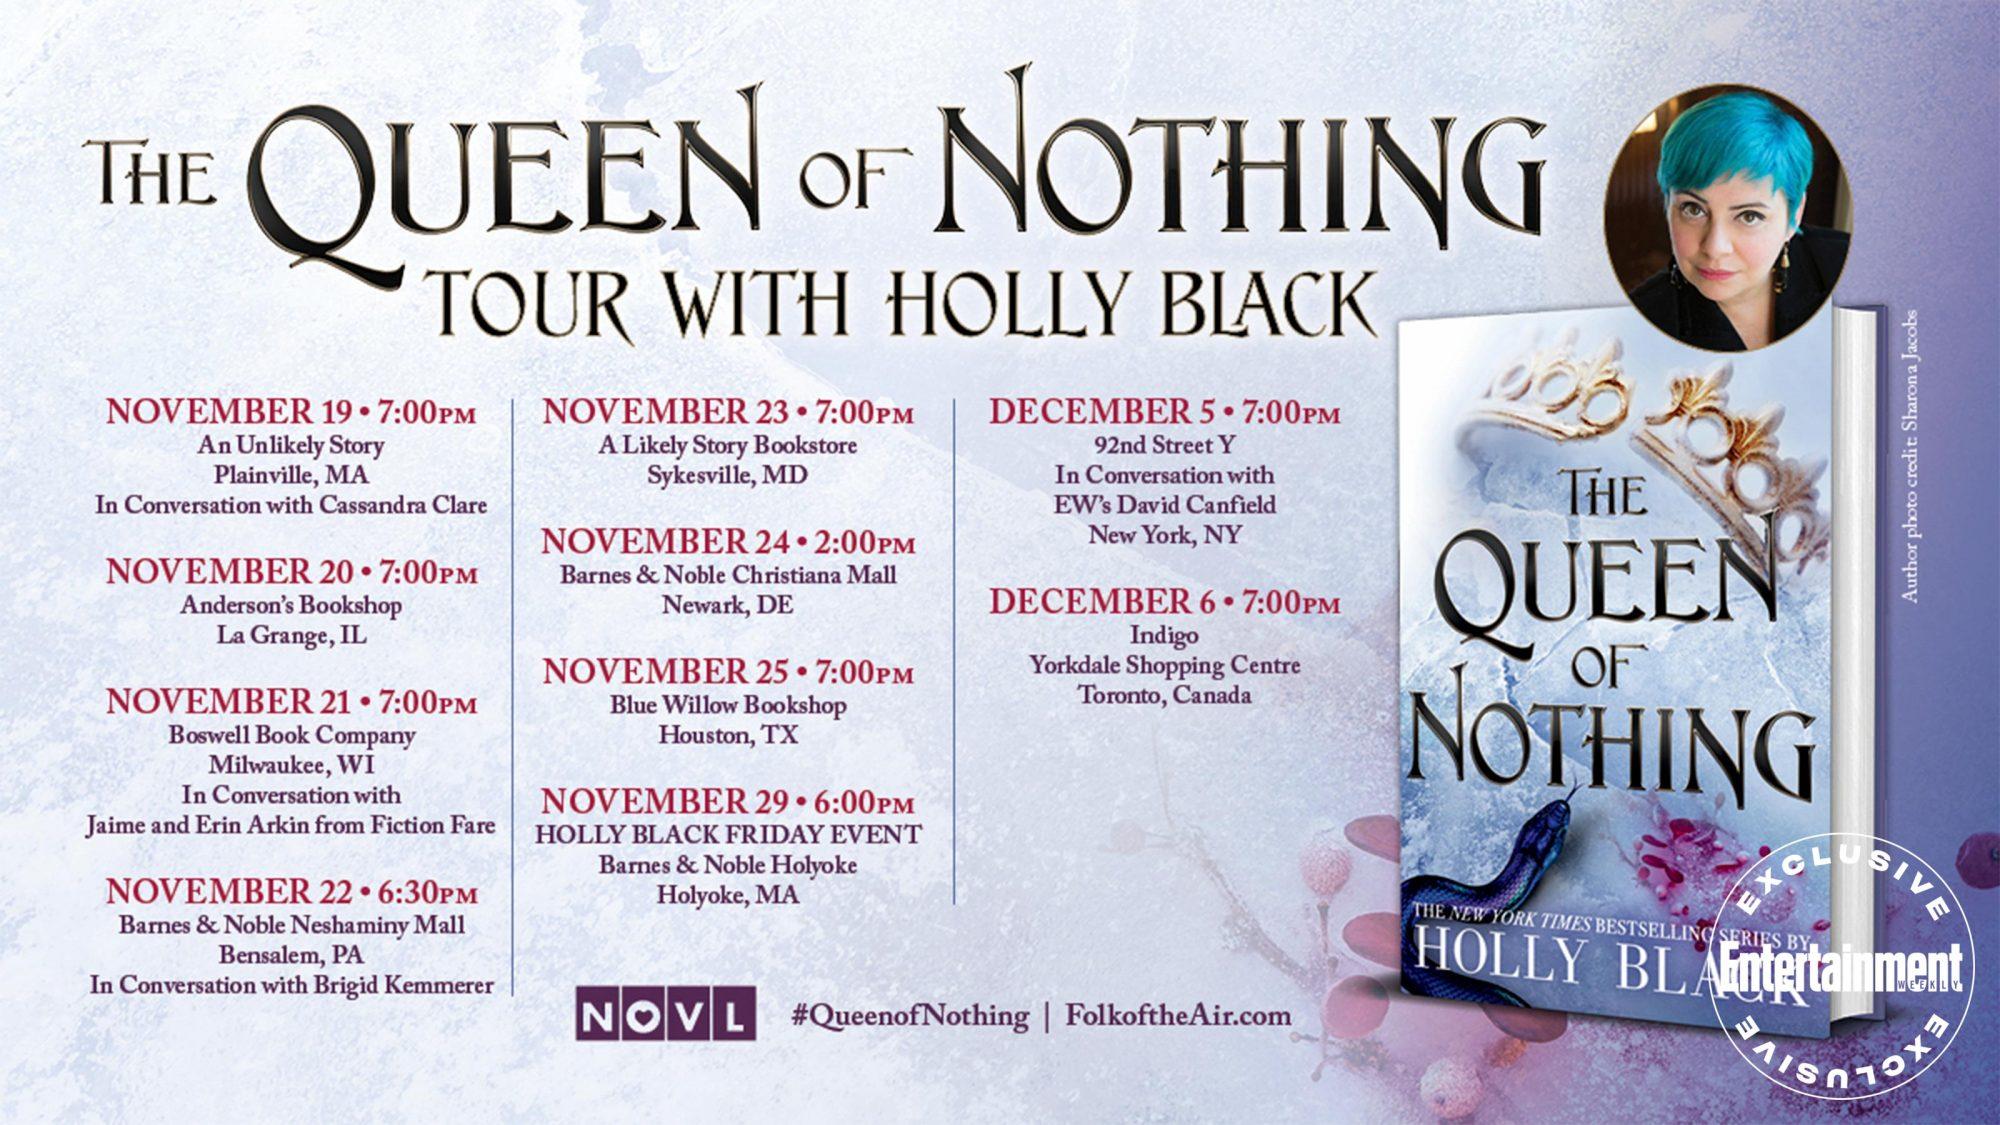 Holly Black tour announcement CR: Hachette